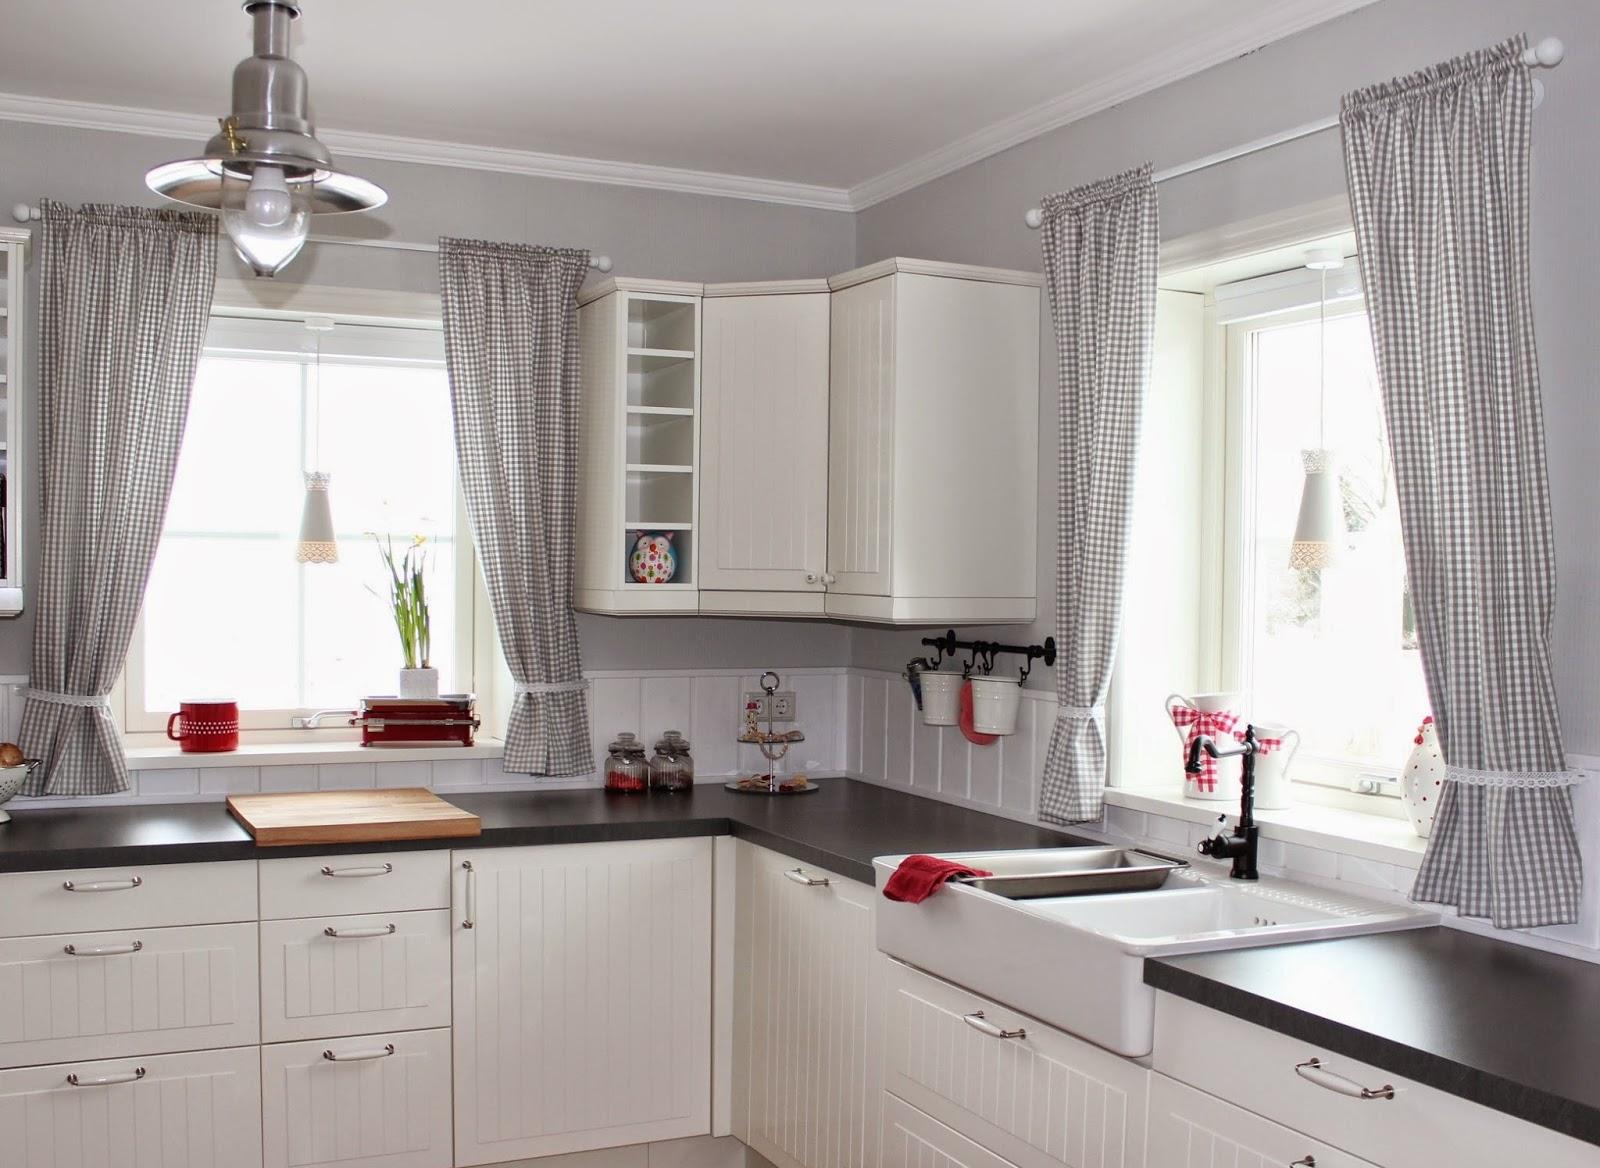 kleine lotta unser schwedenhaus vichy karo. Black Bedroom Furniture Sets. Home Design Ideas